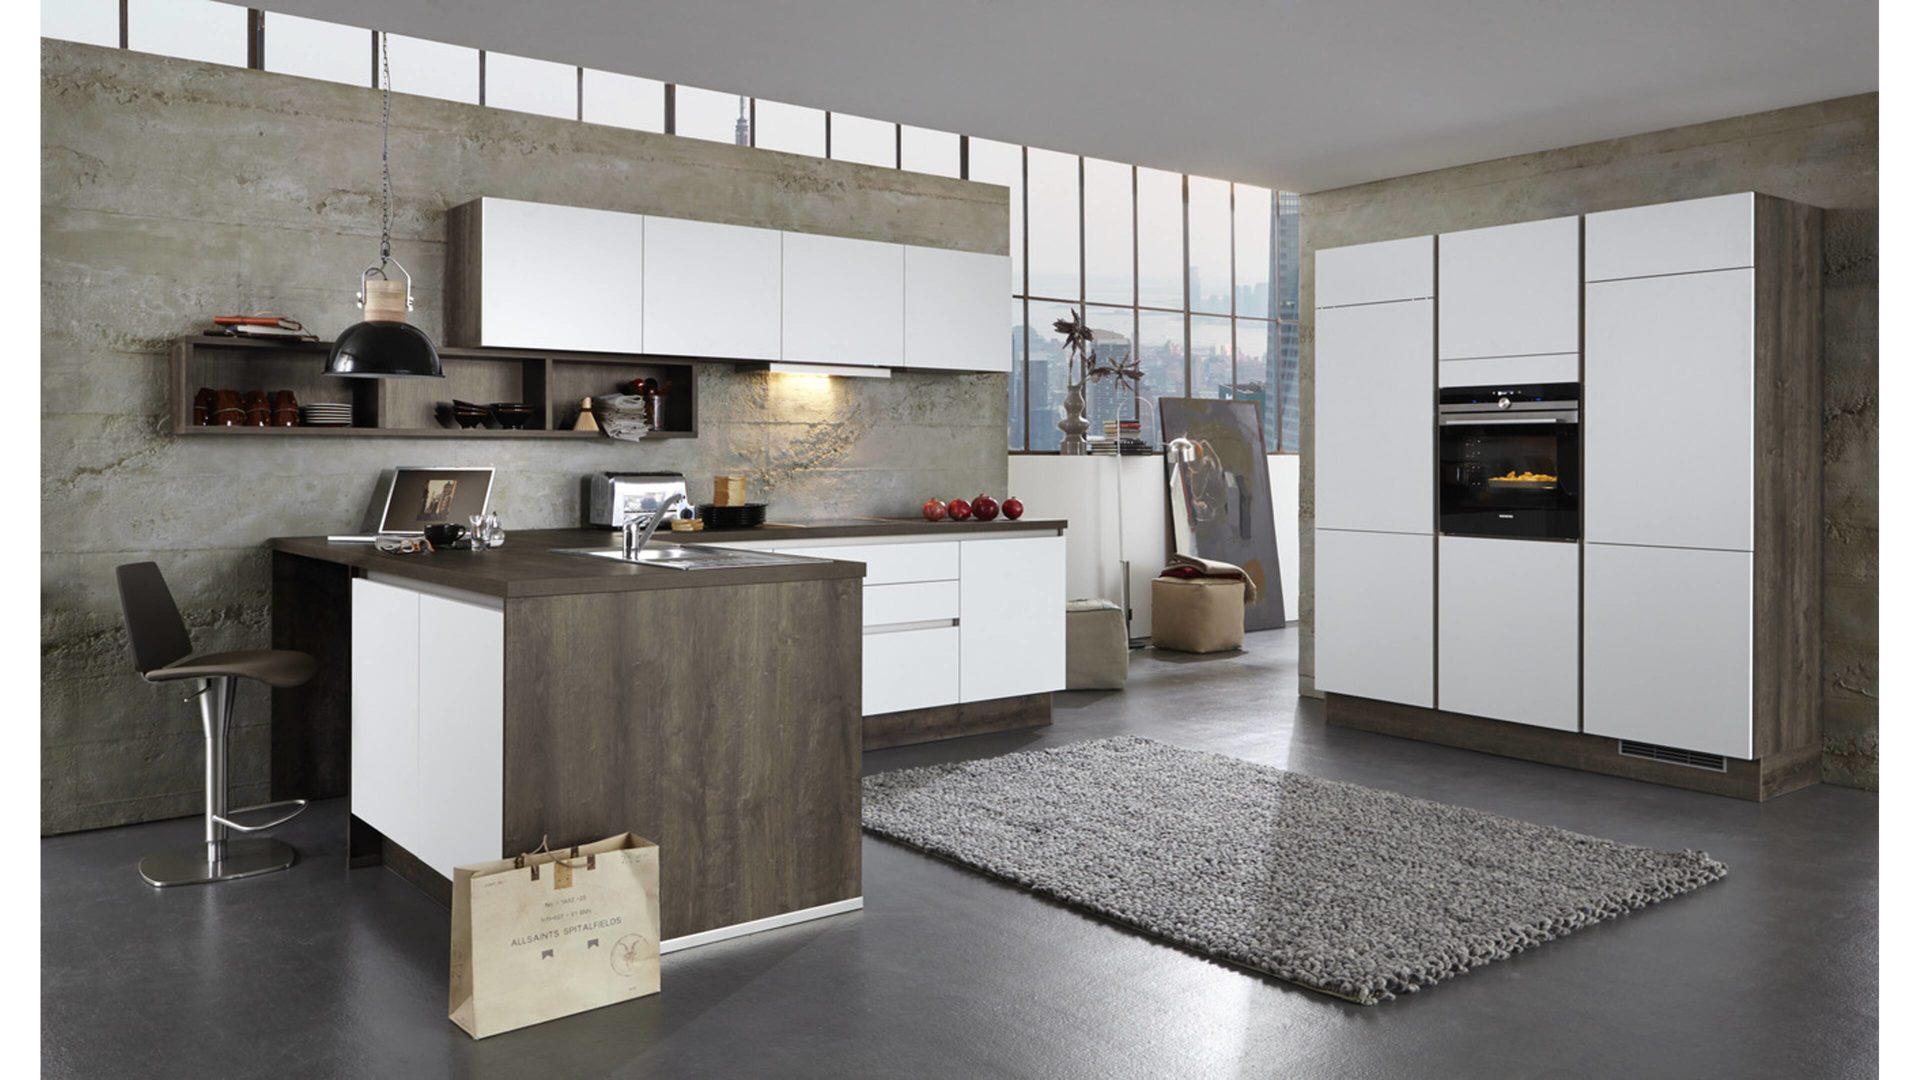 Möbel Steffens Küchen möbel steffens lamstedt möbel a z küchen einbauküchen